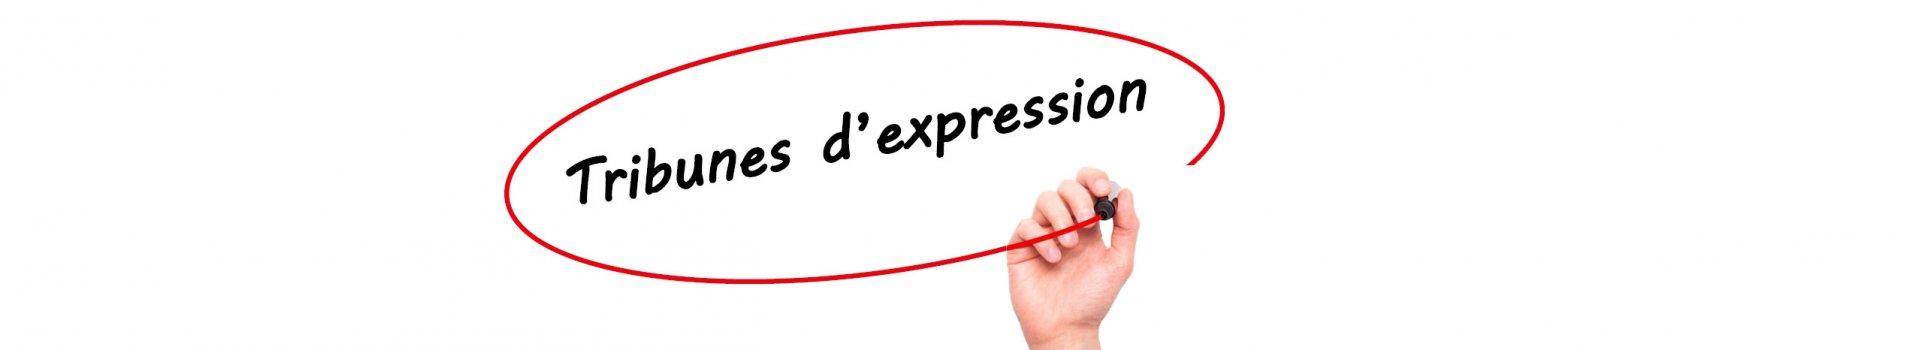 Tribunes d'expression